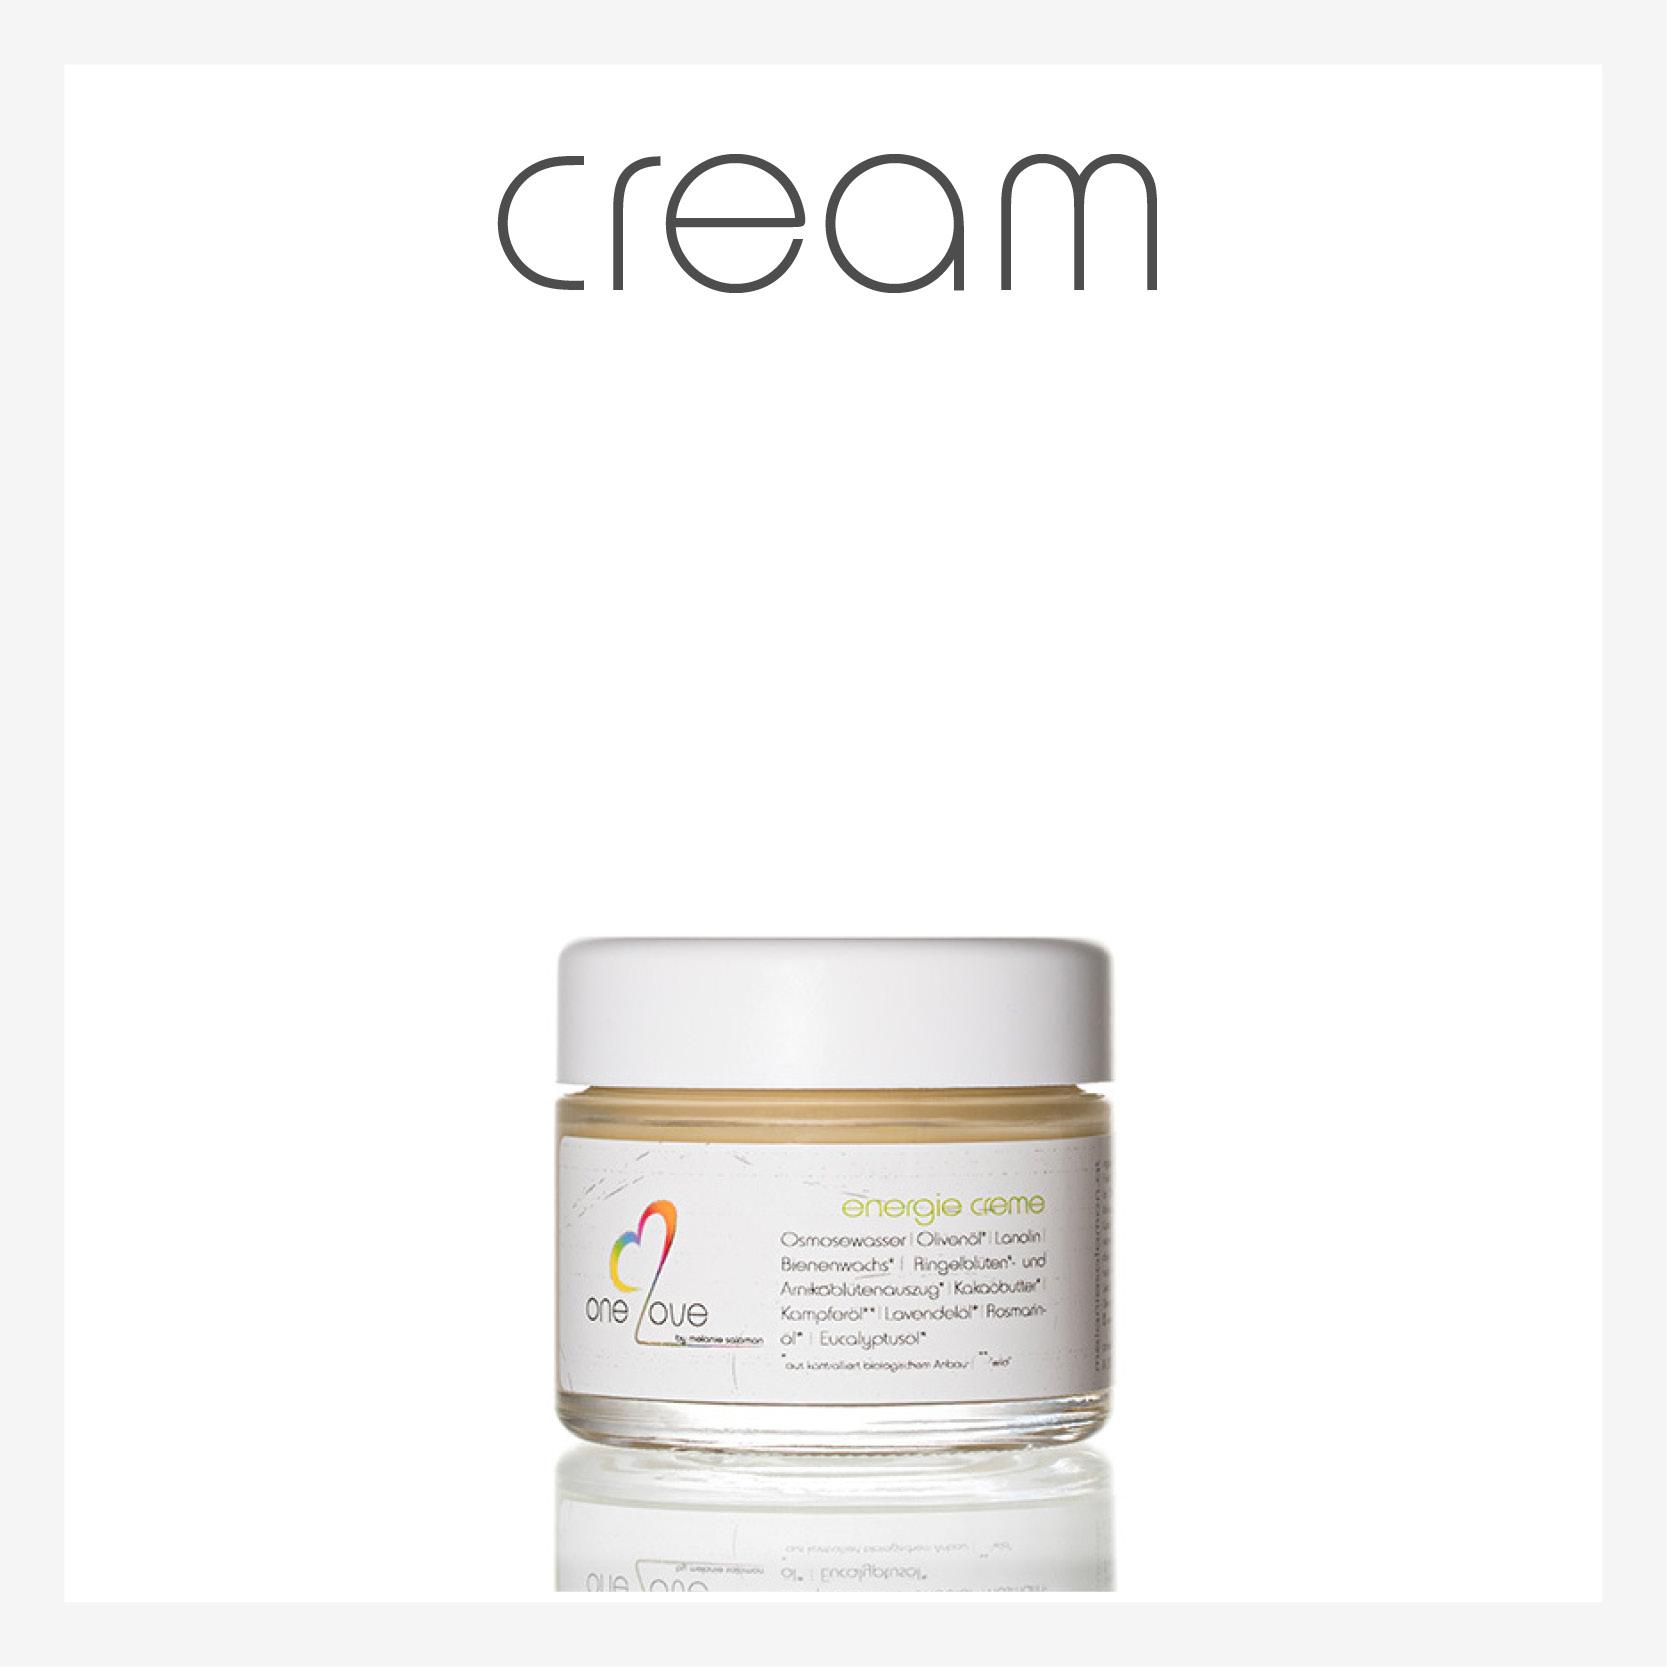 golden cream